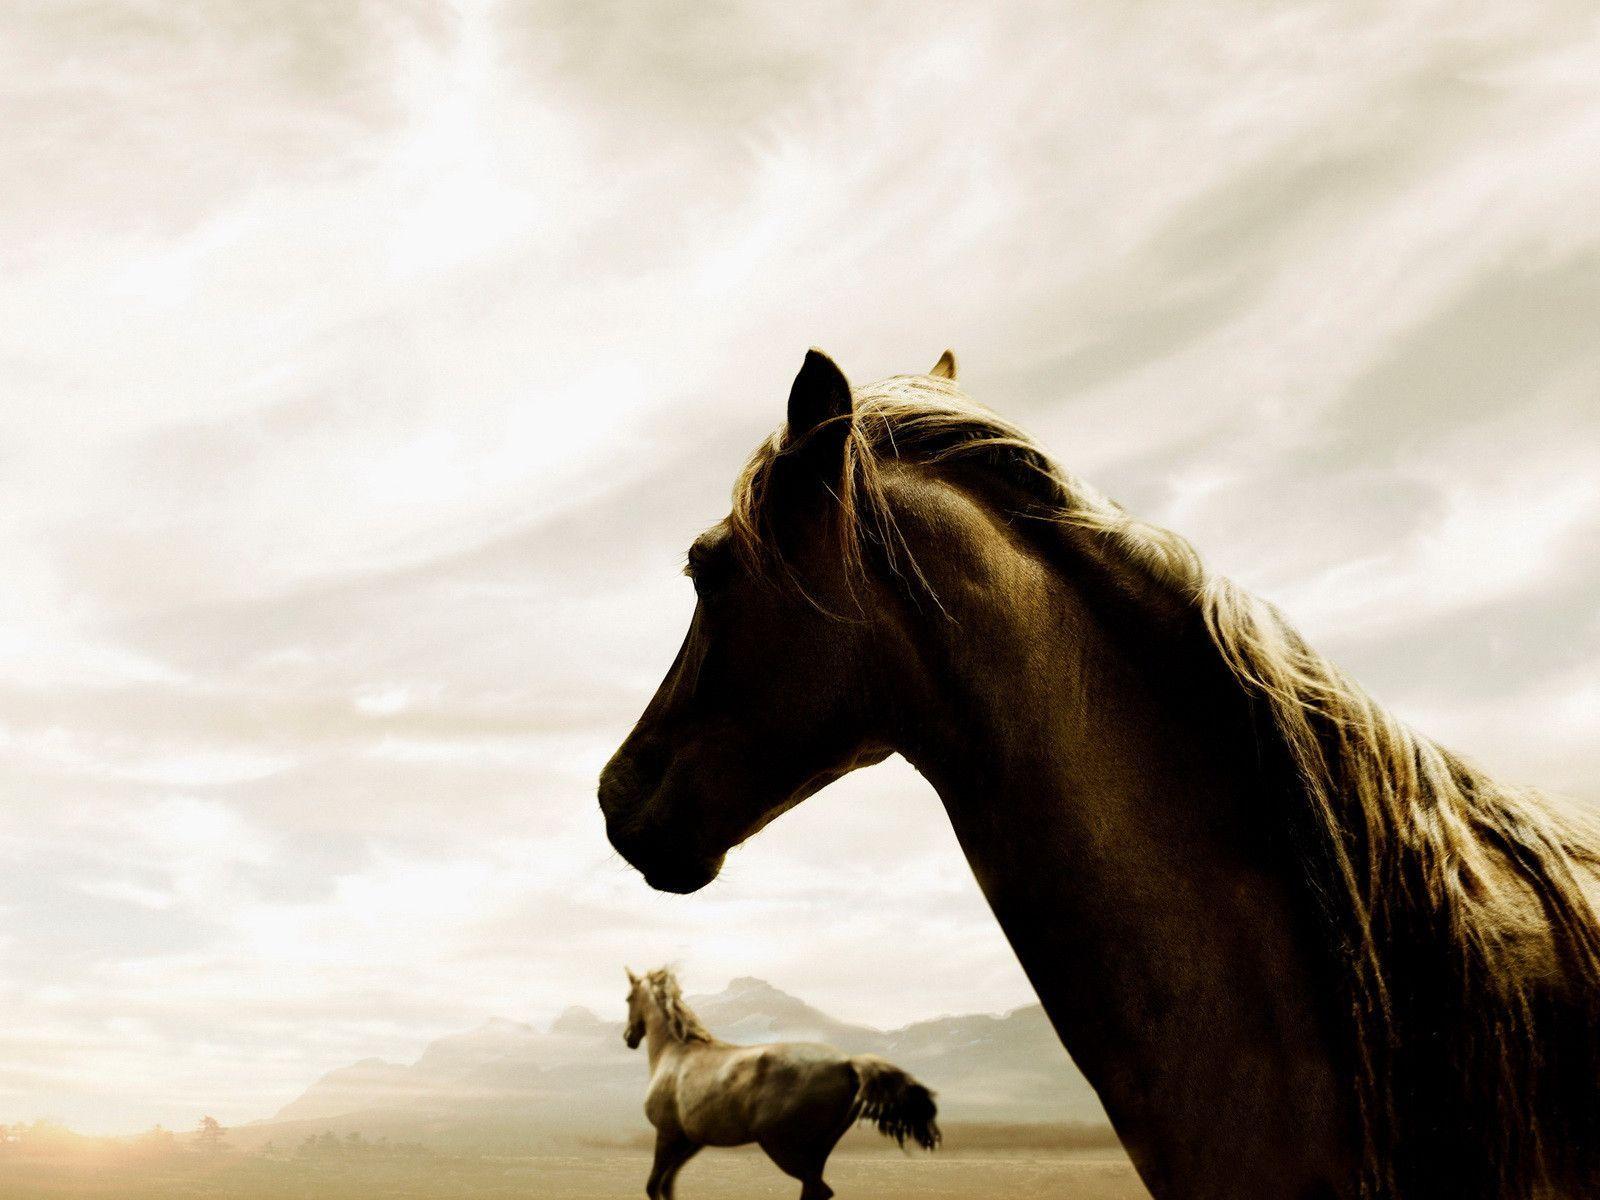 Beautiful Wallpaper Horse Desktop Background - 60d3d9f334a4fca868c8c22bc84d41fd  You Should Have_485685.jpg